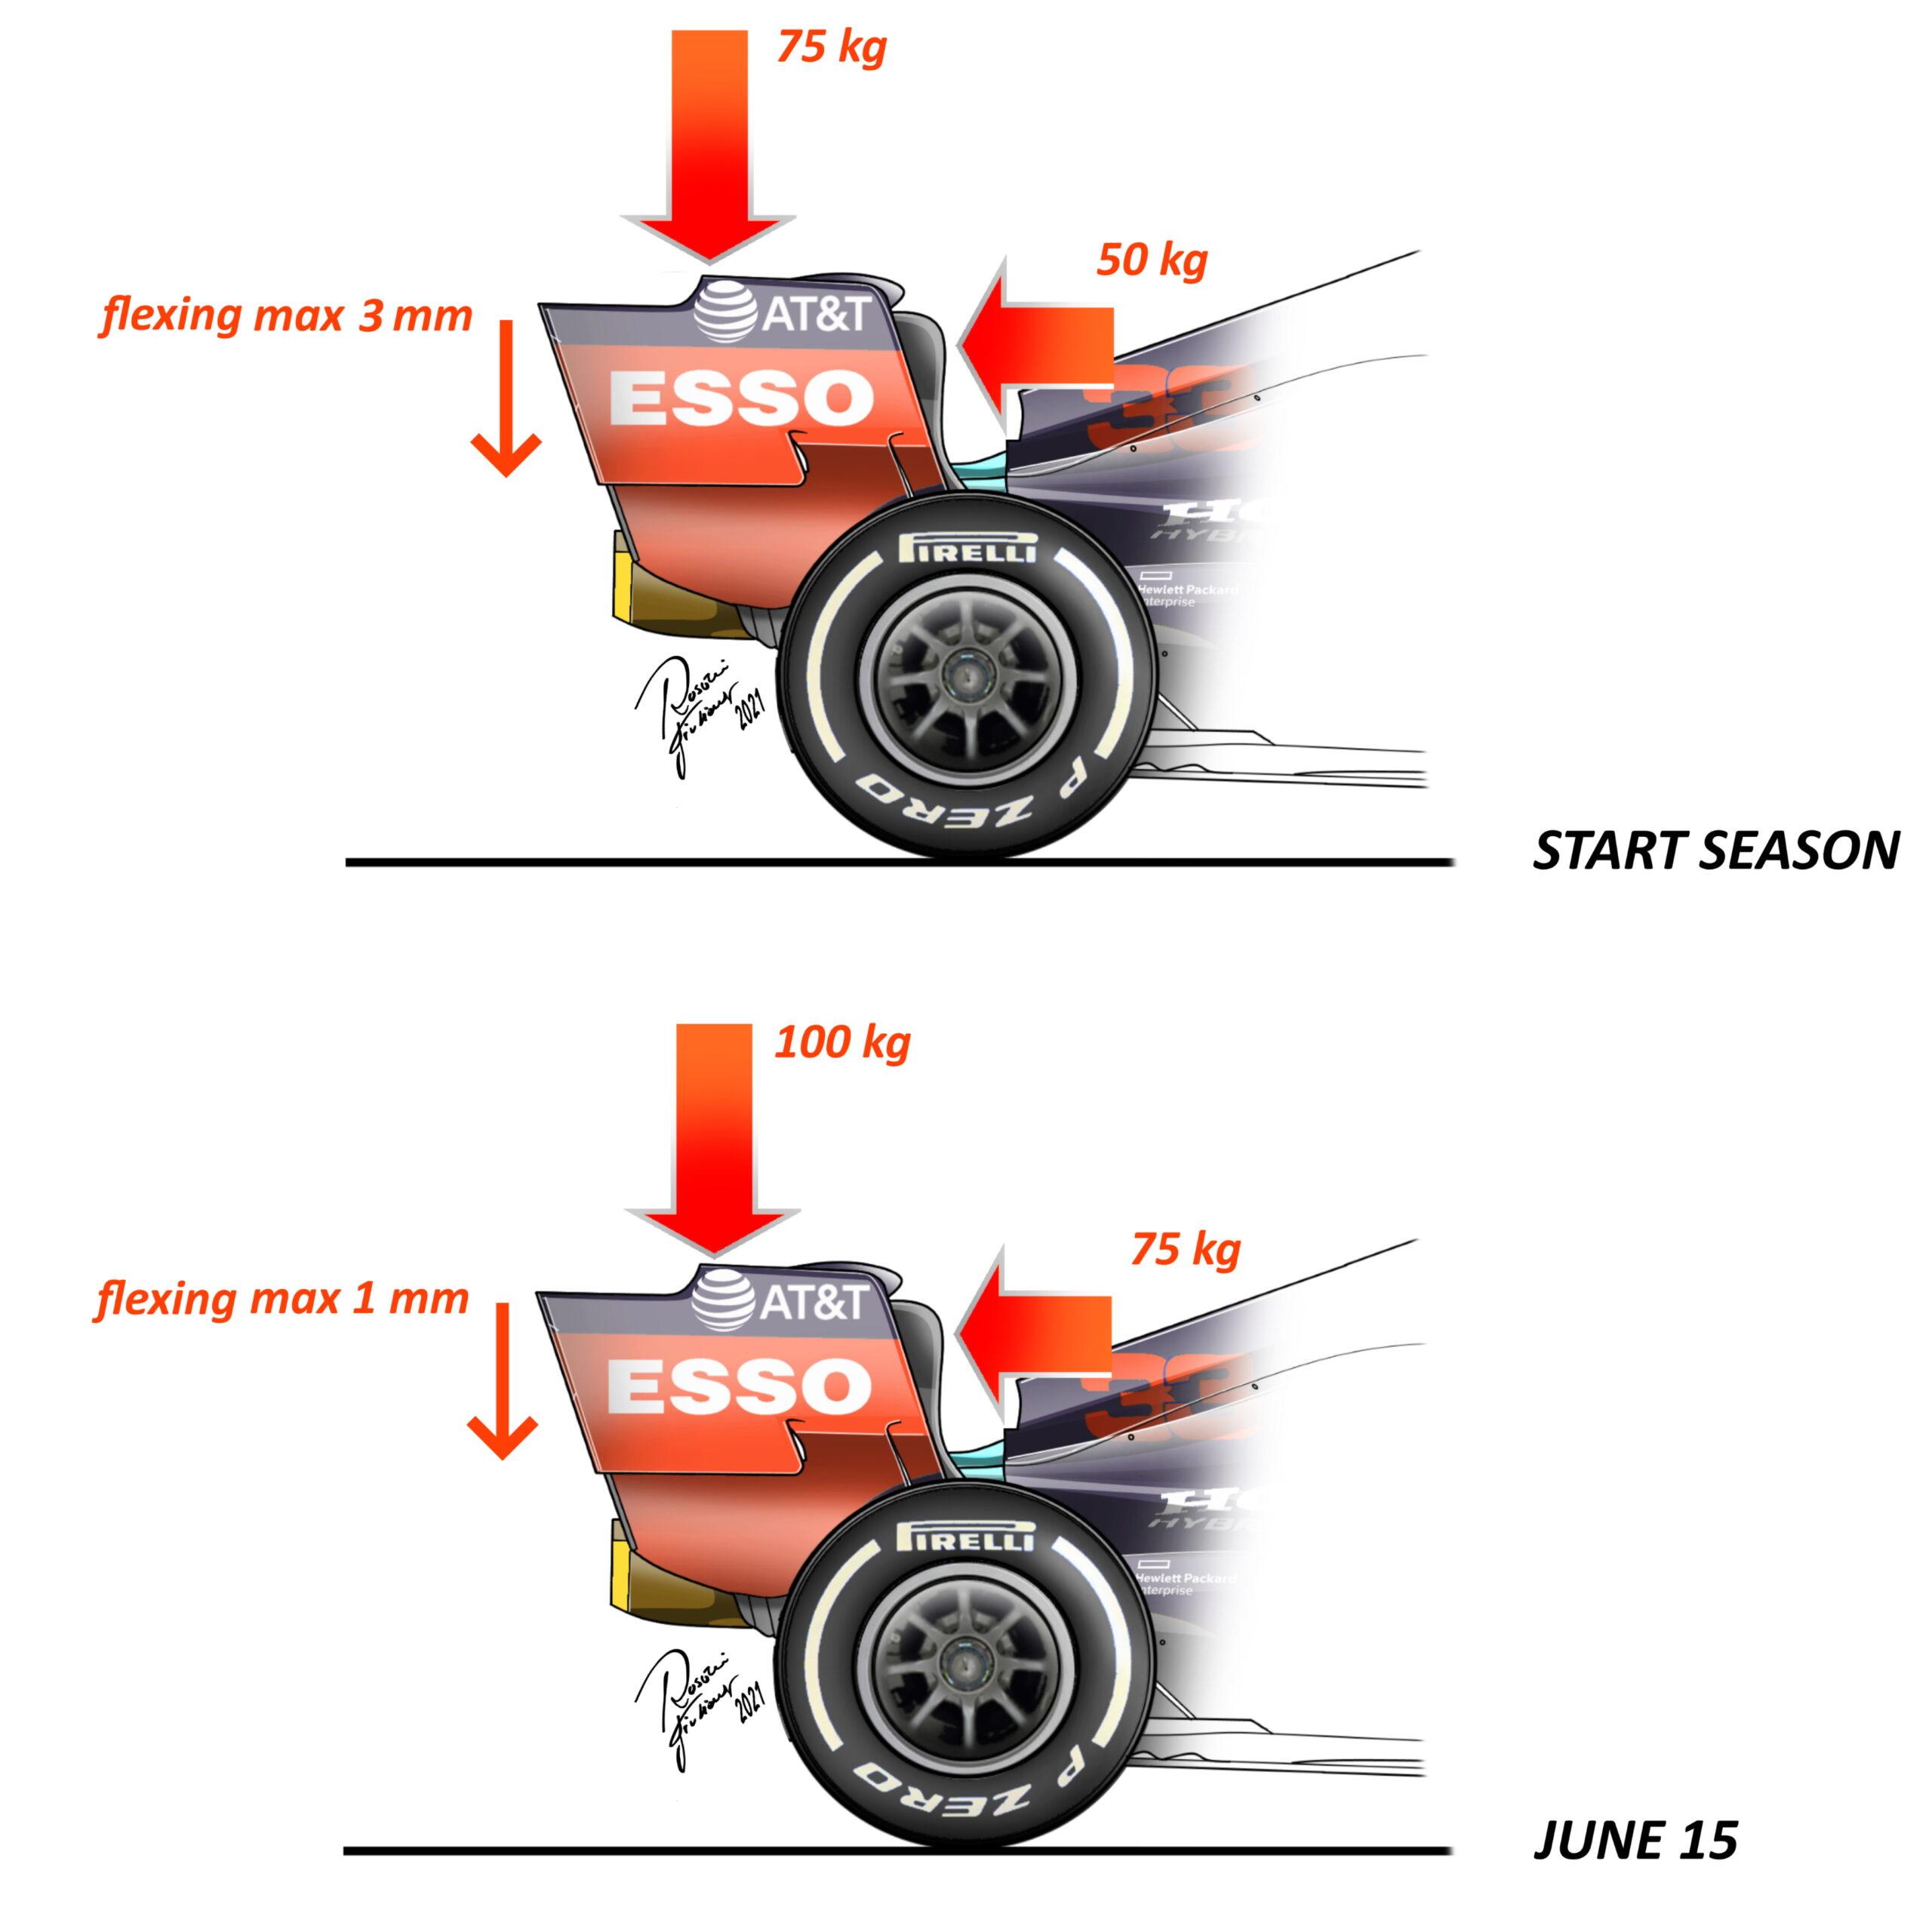 F1 - Tests de flexibilité des ailerons en F1 : ce qui change à partir du 15 juin